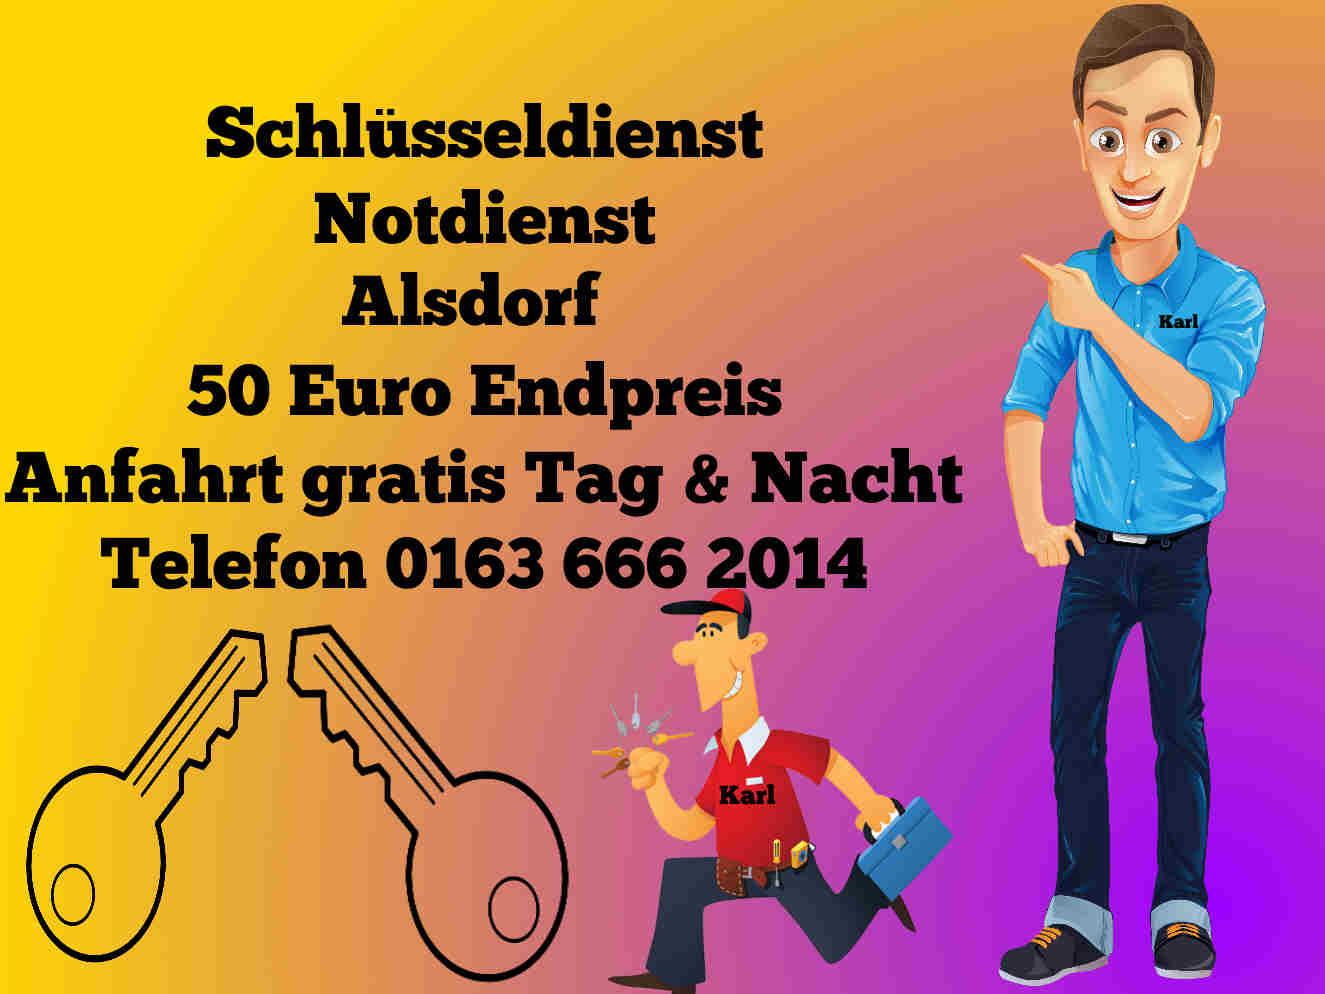 Schlüsselnotdienst Alsdorf - 50 Euro Endpreis - Notdienst & Tür öffnen zum Festpreis Tag und Nacht